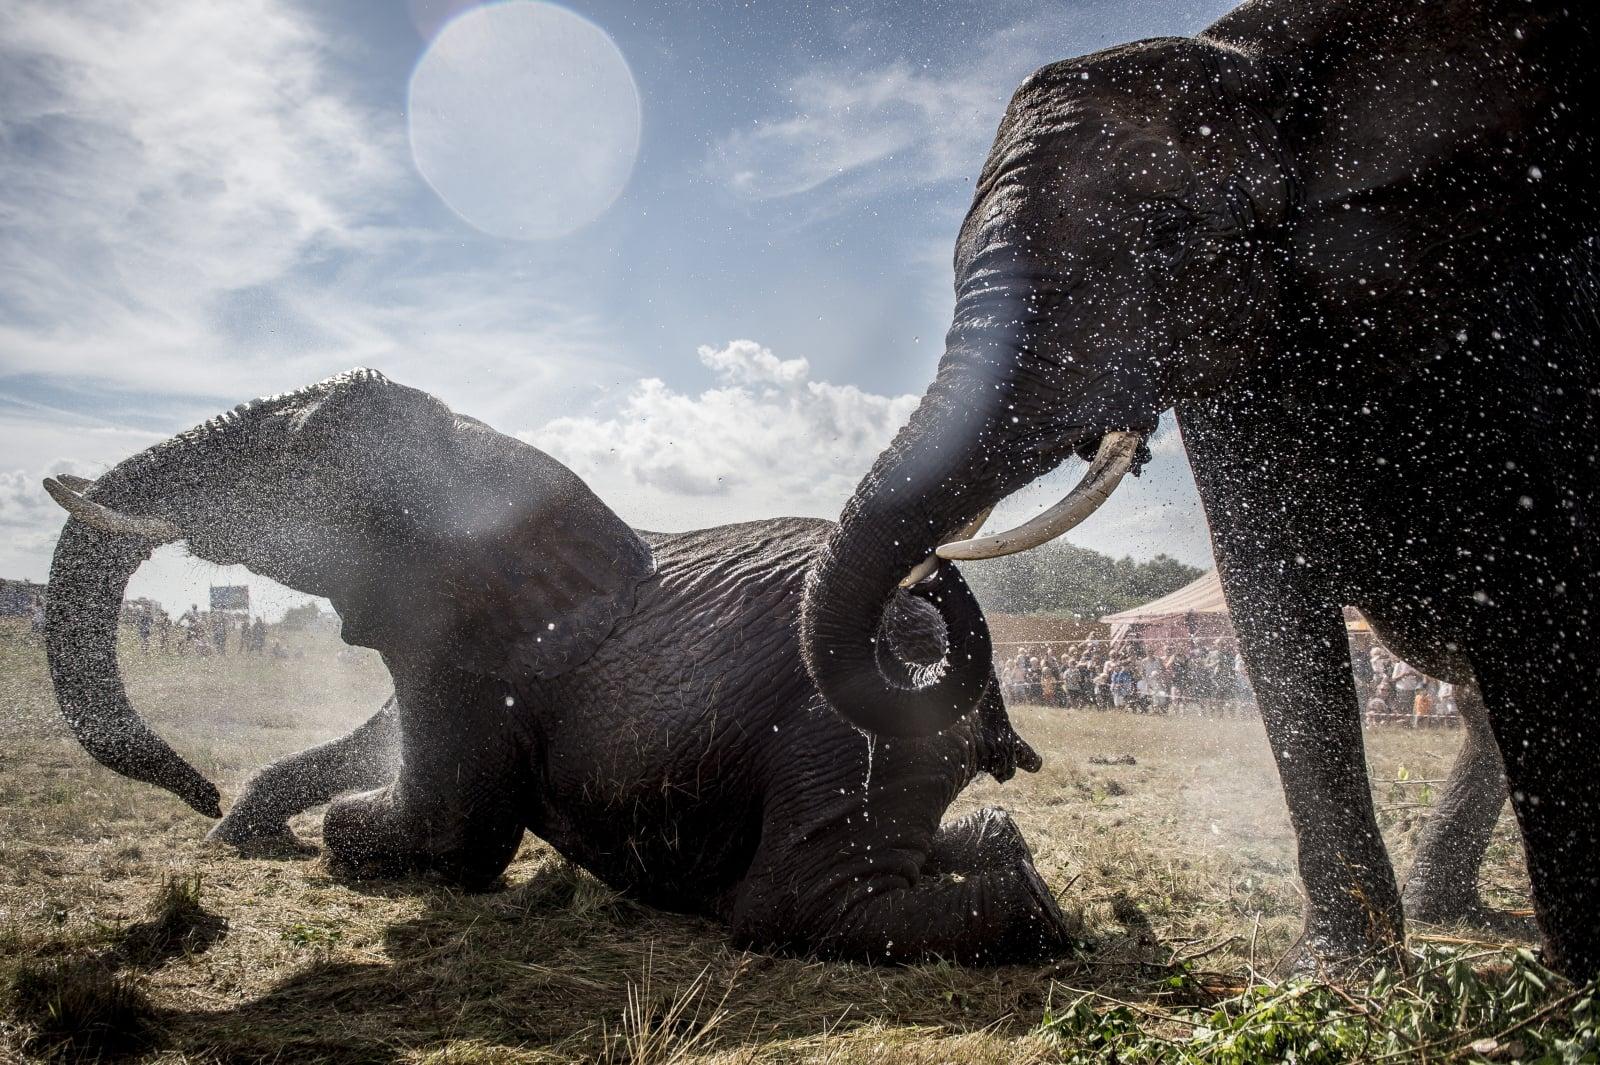 Strażacy, ratując słonie przed upałem, zapewnili im zimny prysznic, Dania, fot. EPA/MADS CLAUS RASMUSSEN